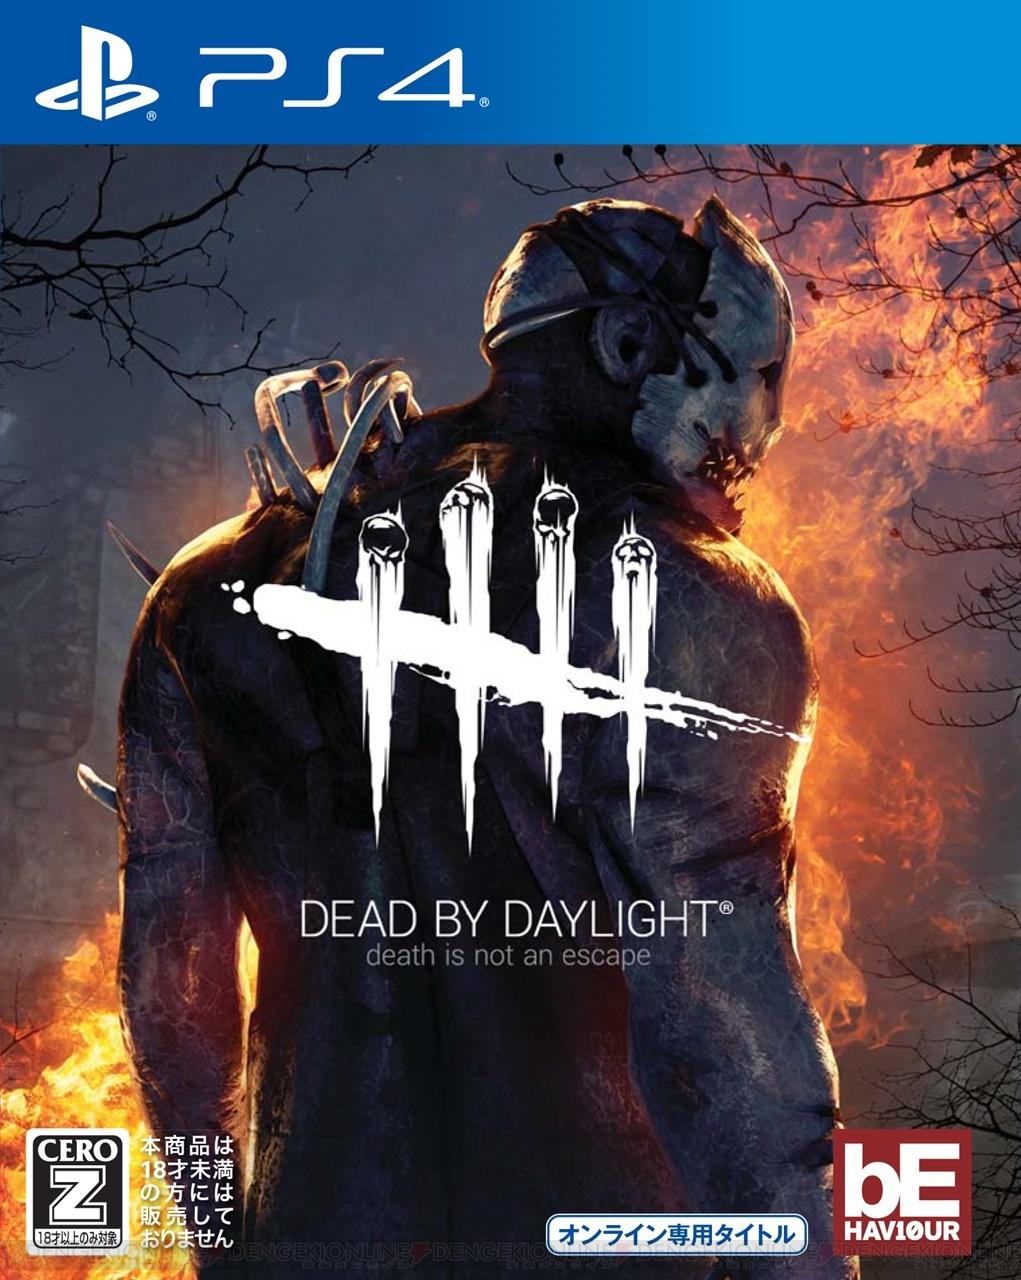 Dead by Daylight 攻略 wiki - アットウィキ